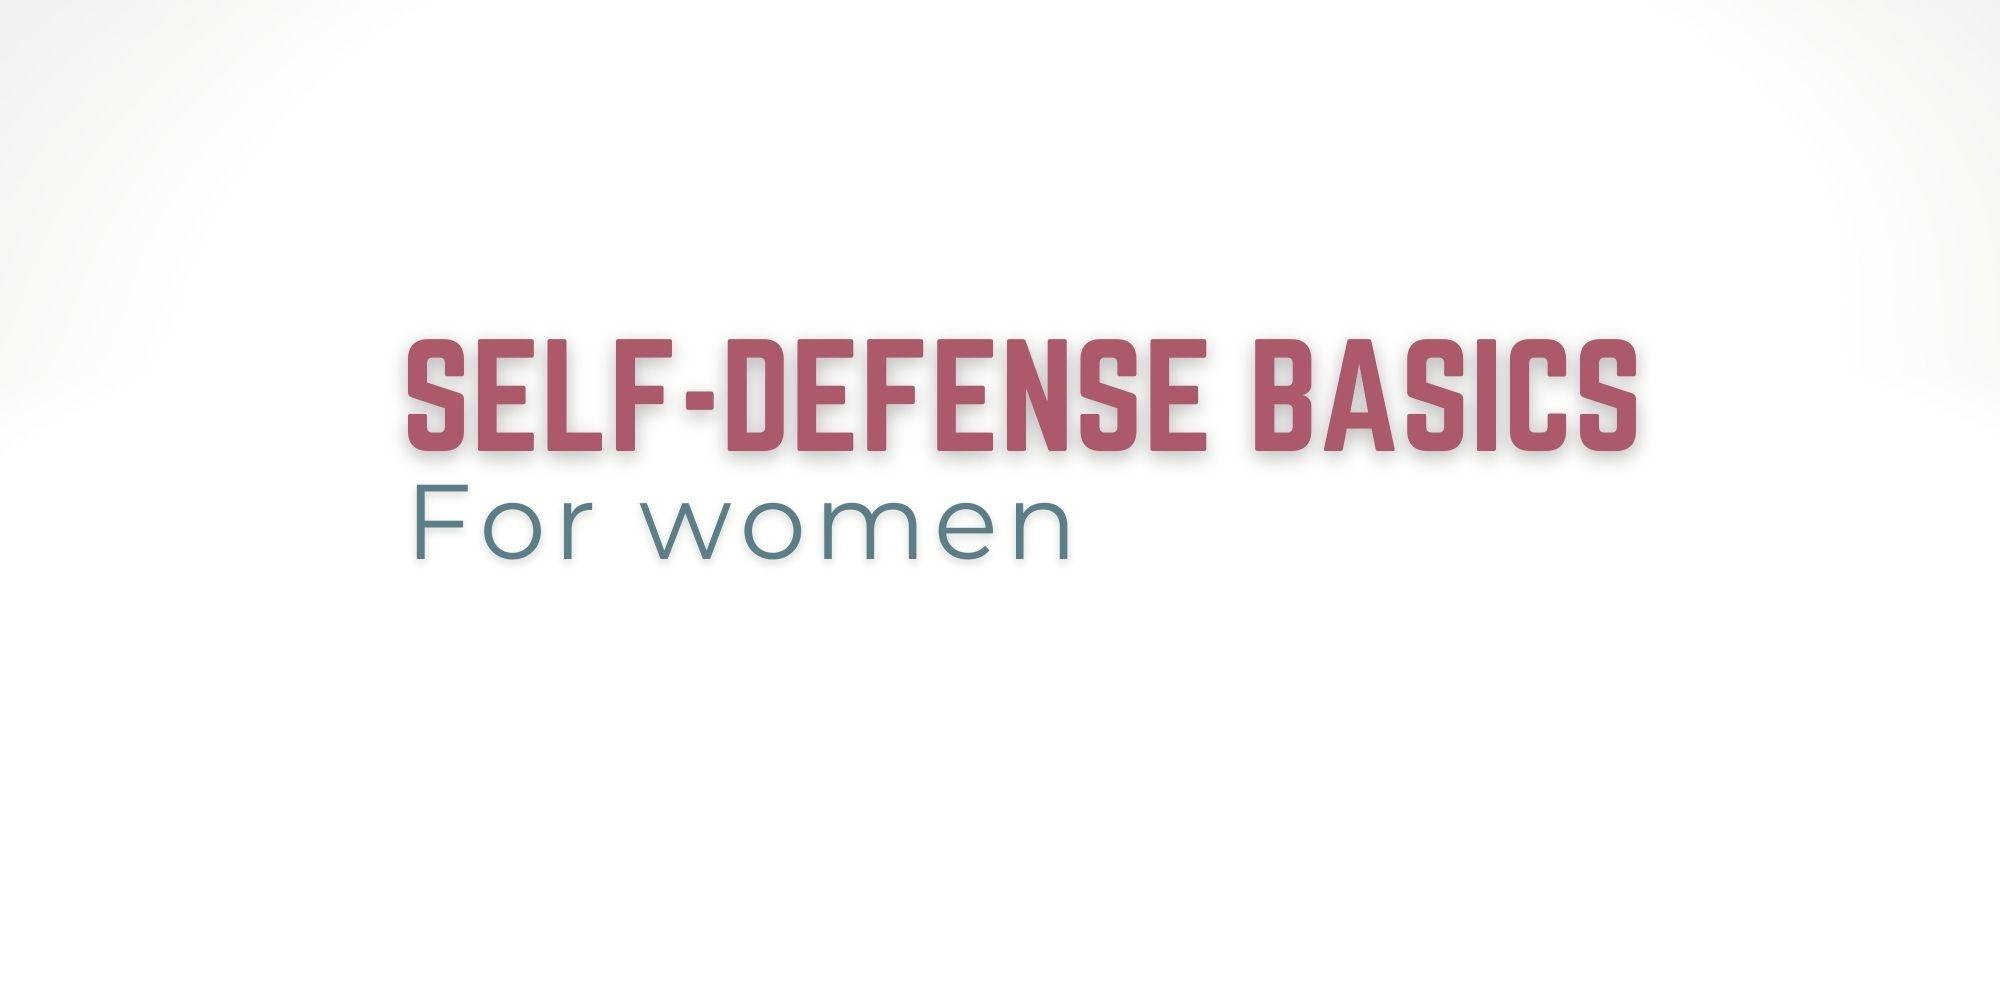 Self-Defense Basics For Women